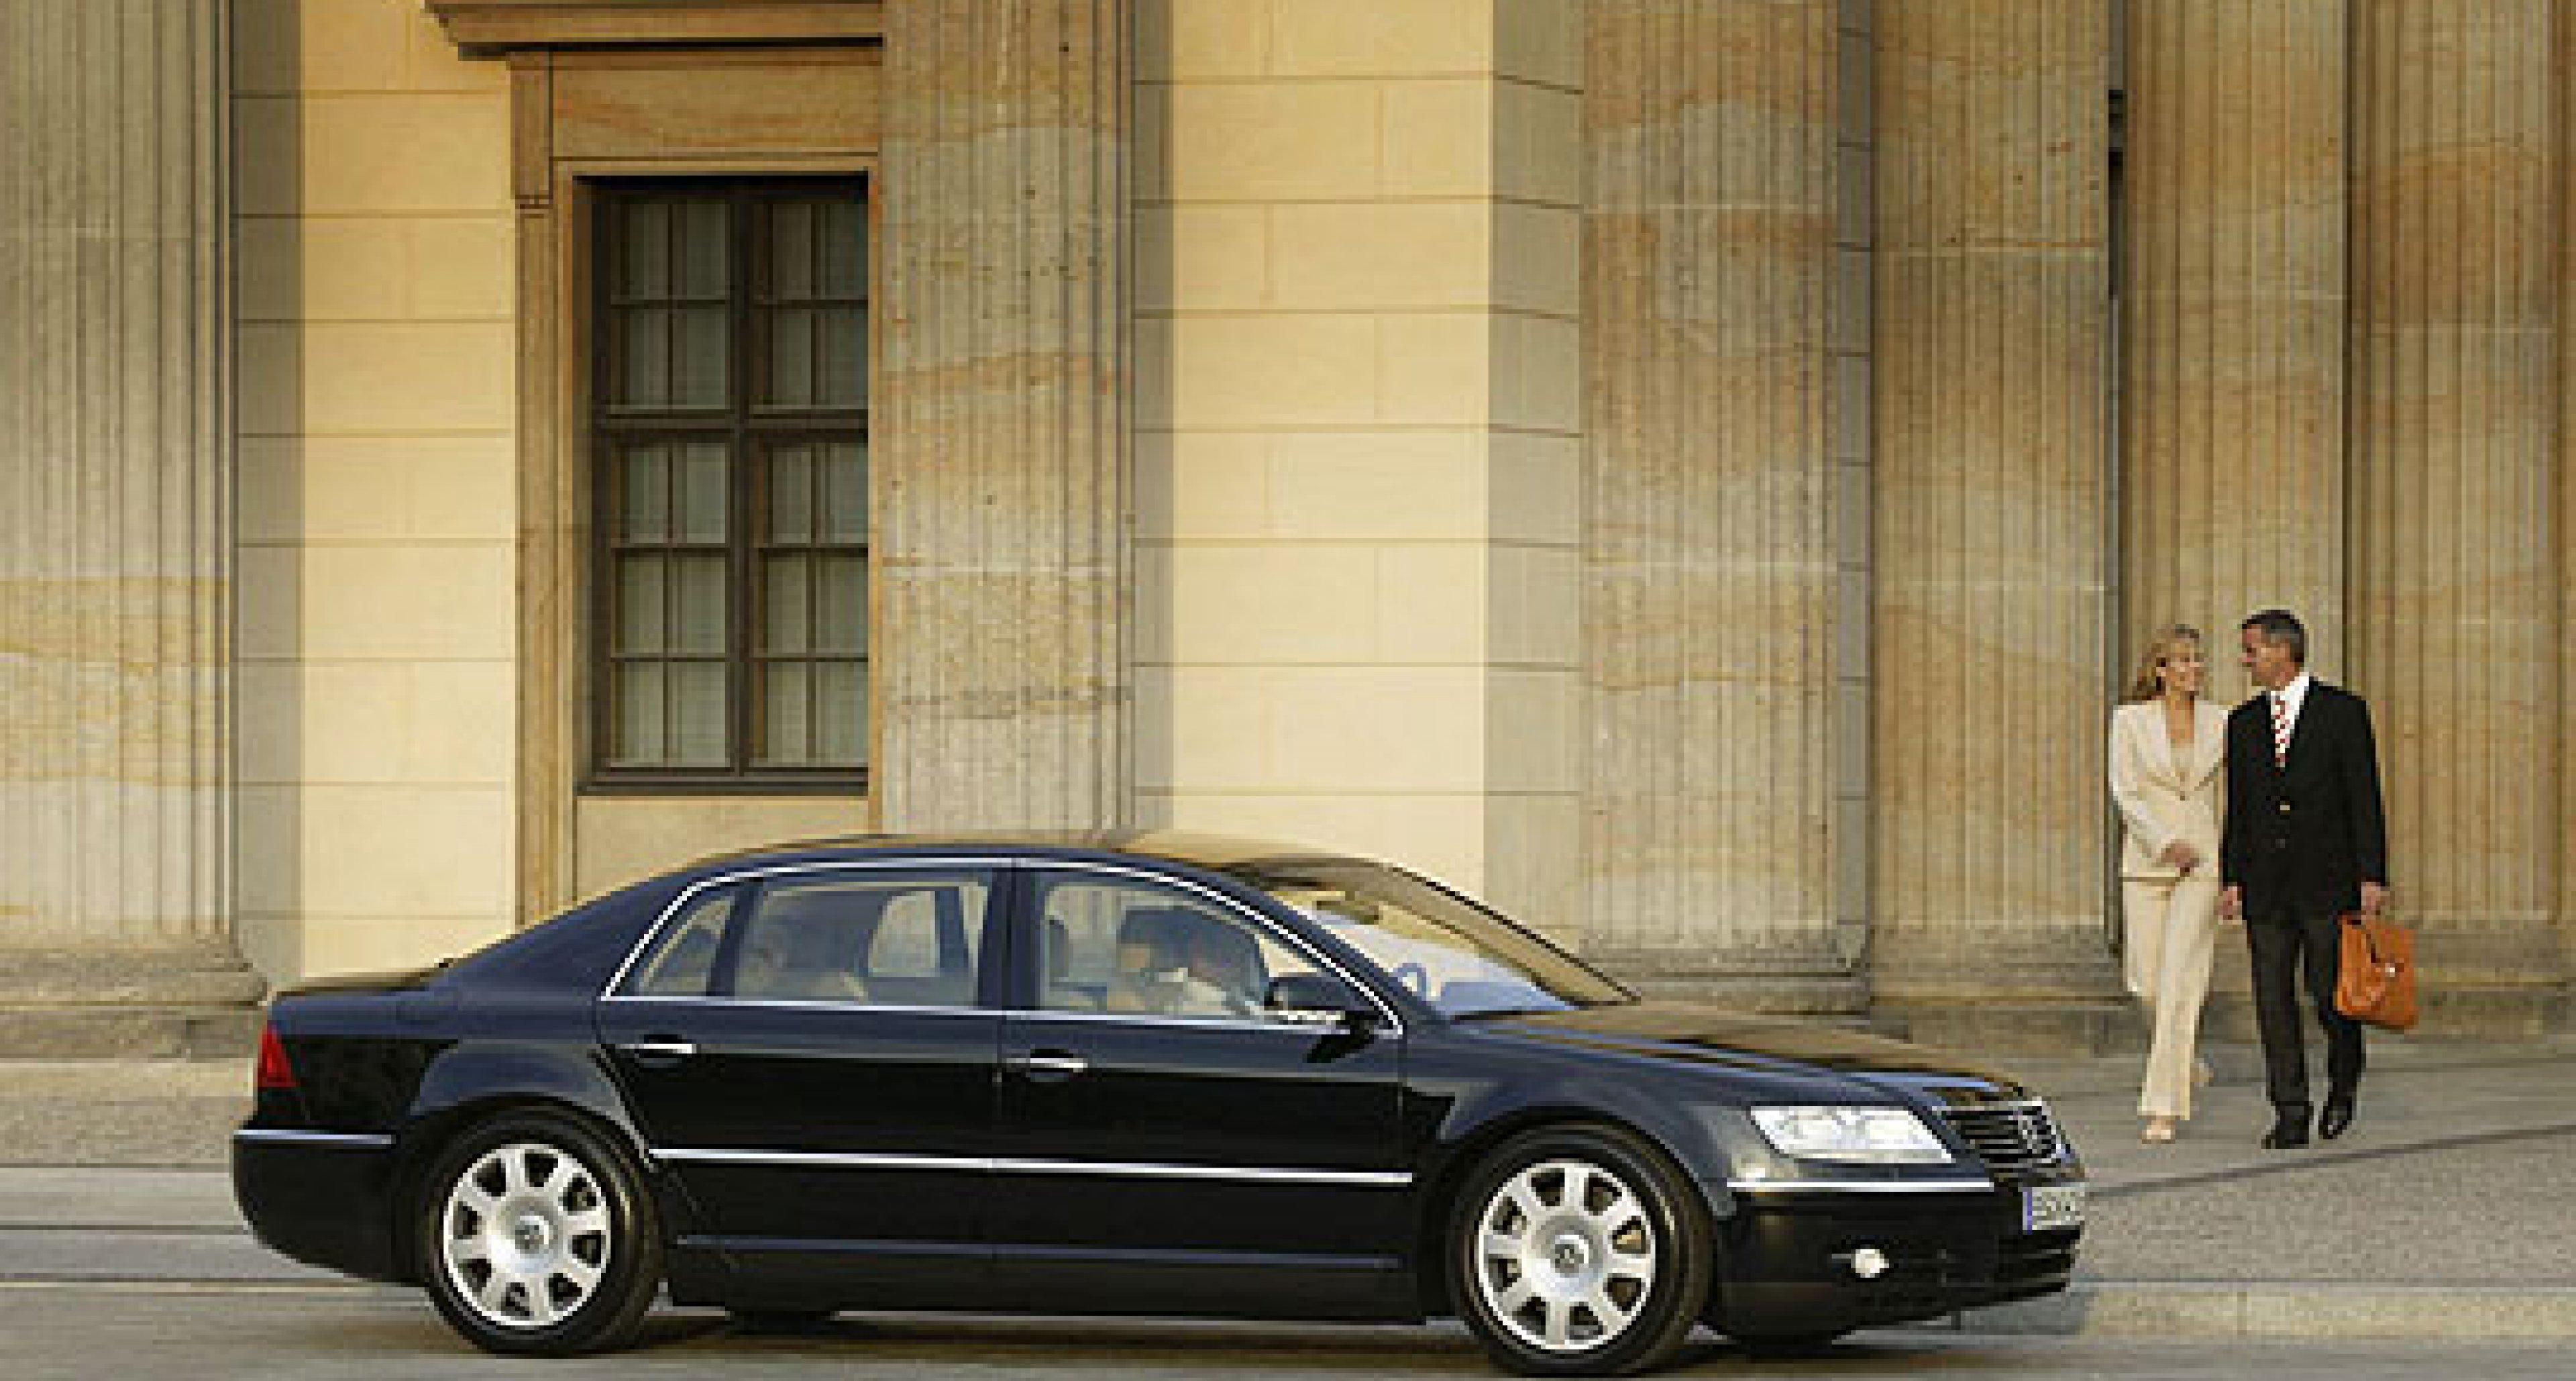 Volkswagen Phaeton Langversion: Anspruchsvolle Exklusivausstattung